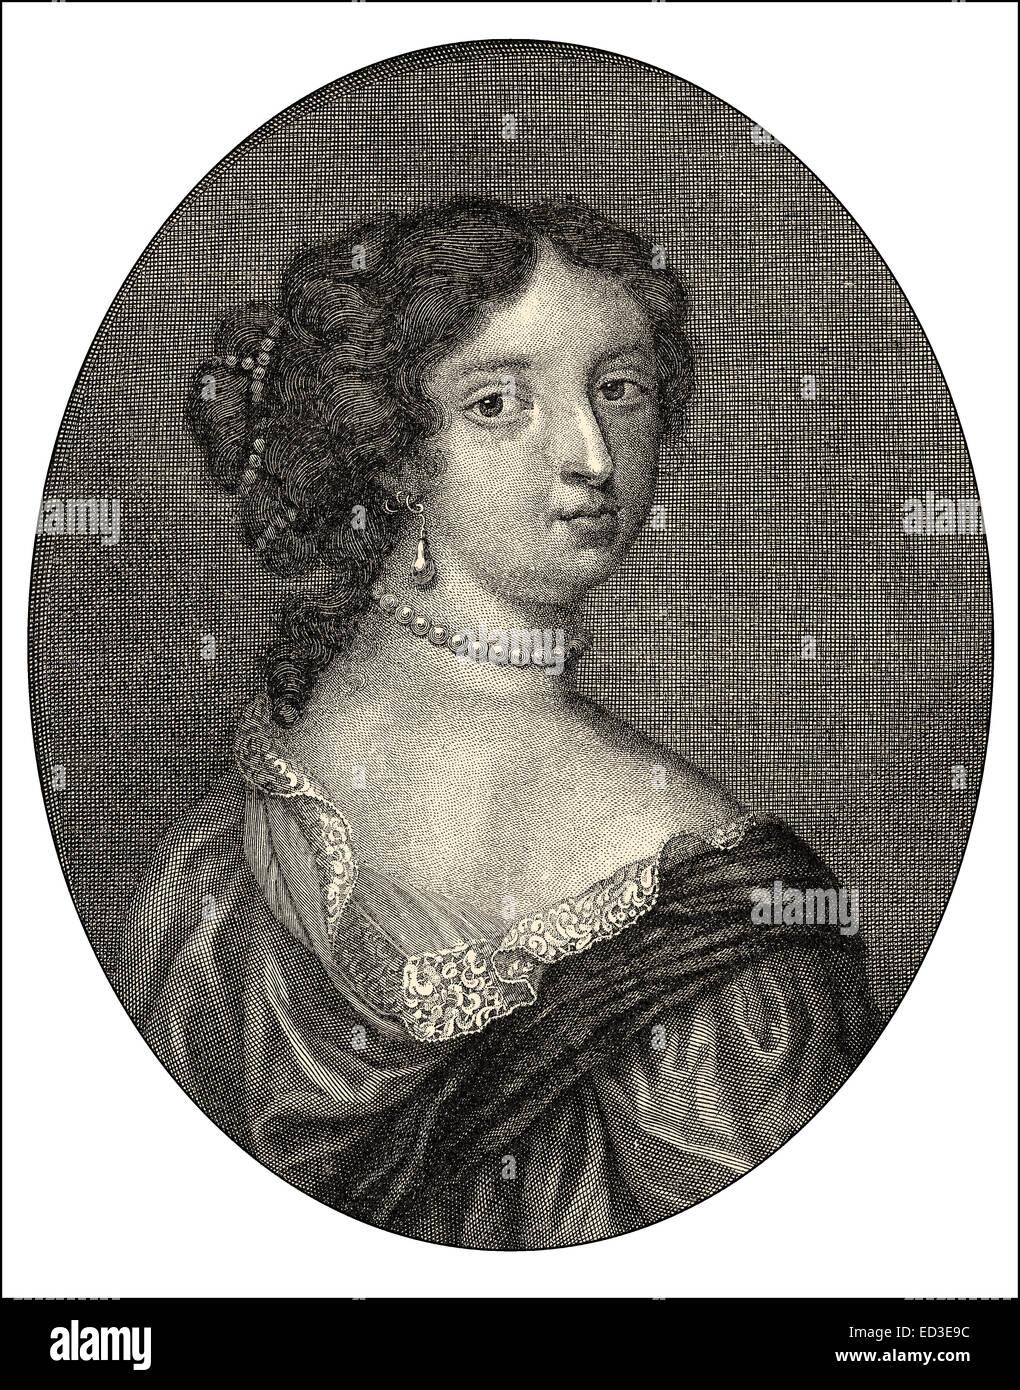 Françoise d'Aubigné, Marquise de Maintenon, or Madame de Maintenon, 1635-1719, the second wife of - Stock Image